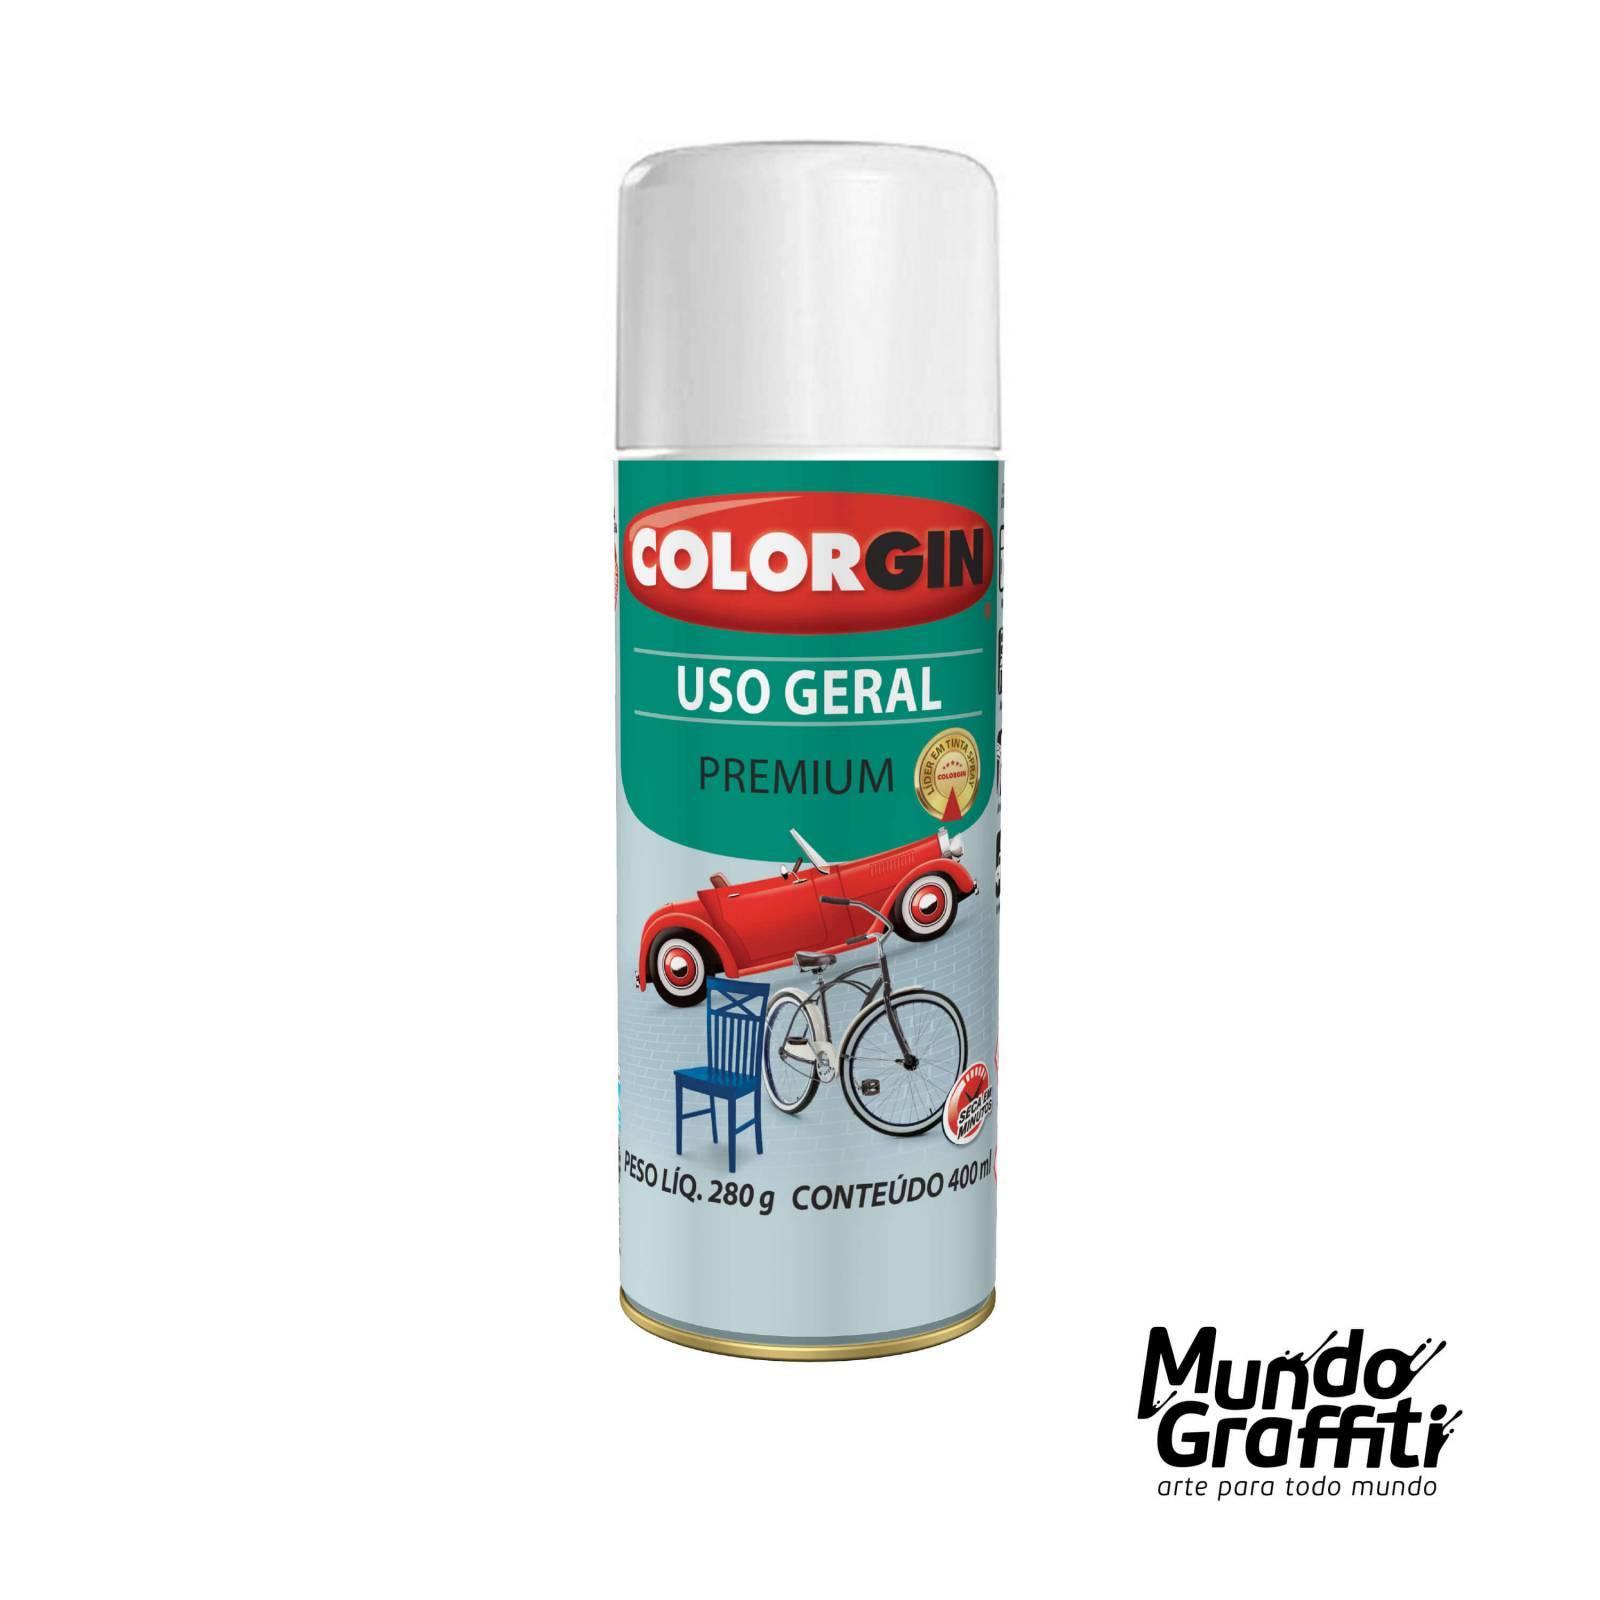 Tinta Spray Colorgin Uso Geral 55011 Branco Acabamento Brilh - Mundo Graffiti